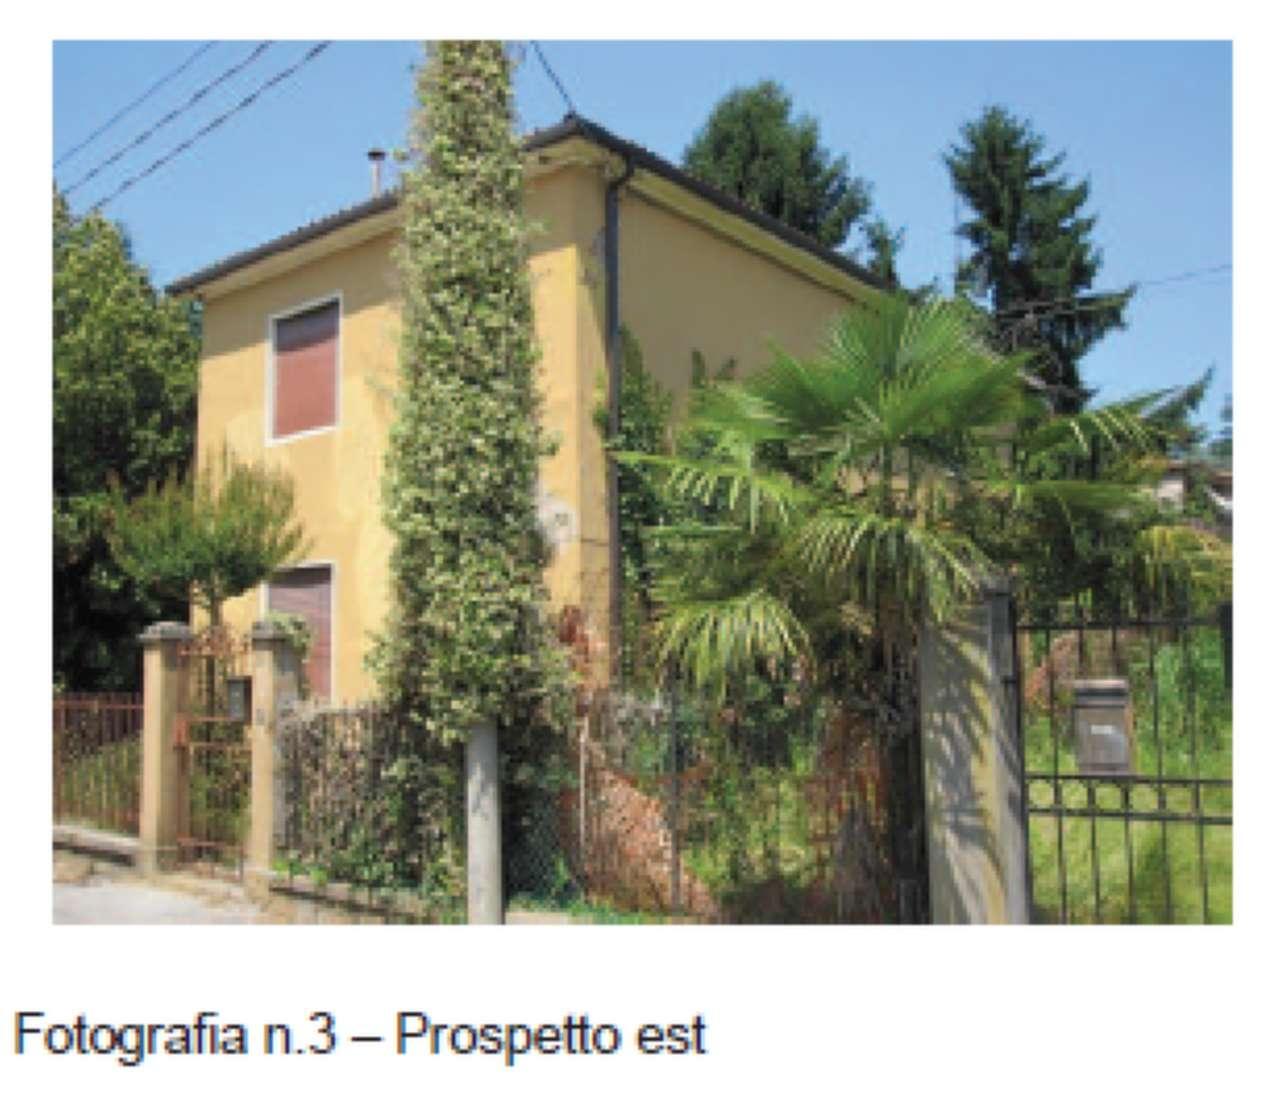 Soluzione Indipendente in vendita a Vicenza, 5 locali, prezzo € 98.250 | CambioCasa.it